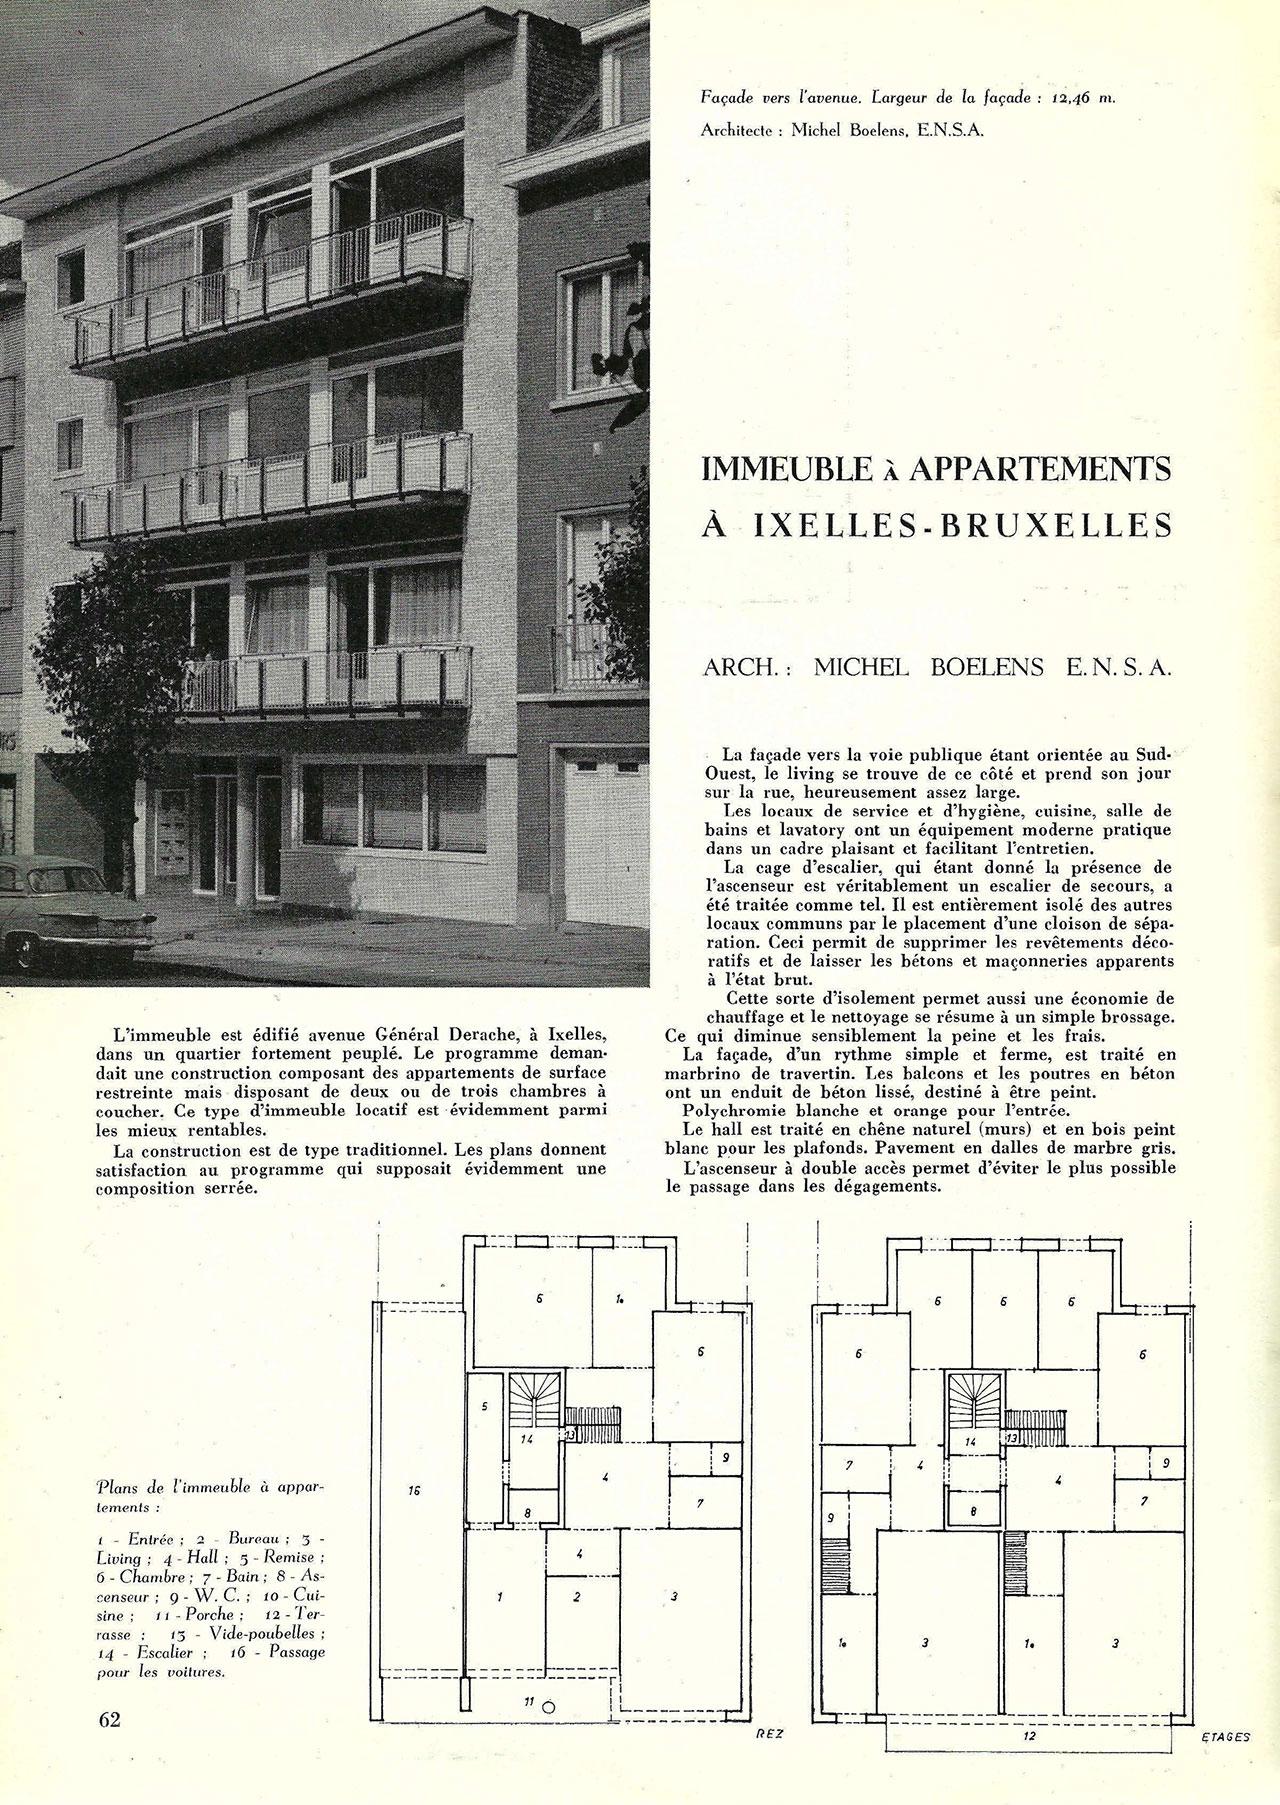 Immeuble à appartements à Ixelles-Bruxelles